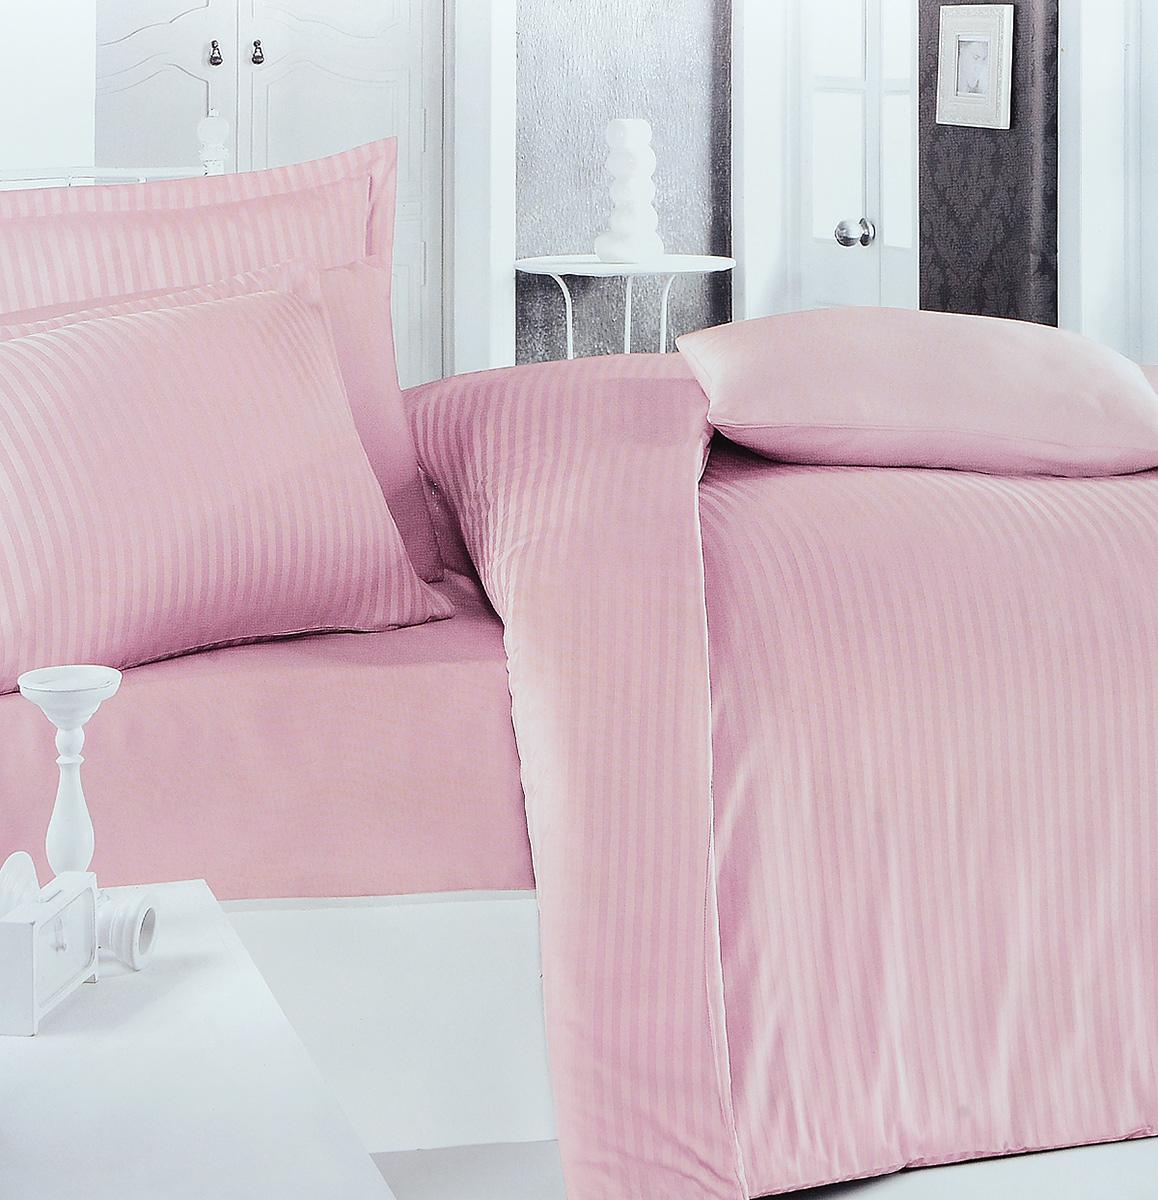 Комплект белья Clasy Stripe Satin, евро, наволочки 50х70, цвет: розовыйД Дачно-Деревенский 20Комплект постельного белья Clasy Stripe Satin состоит изпододеяльника на пуговицах, простыни и 4 наволочек (2стандартные и 2 с ушками). Изделия выполнены из страйп-сатина (100% хлопок). Страйп-сатин - это очень прочная жаккардовая ткань из 100%хлопка. На вид он напоминает обычный сатин, но сполосками, которые появляются благодаря разномунаправлению нитей в ткани. Страйп-сатин универсален: онподойдет к любому интерьеру, прослужит вам долго, арисунок никогда не поблекнет. Из страйп-сатина делаютэлитное постельное белье, по всем качествам его можносравнить с самыми дорогими образцами хлопкового белья.Ткань гладкая и имеет ровный матовый блеск. Секретзаключается в особенно плотном сатиновом переплетении.Несмотря на особую плотность, это постельное белье оченьмягкое, спать на нем уютно и тепло. Ткань обладаетотличными гигиеническими свойствами - гигроскопичностью,воздухопроницаемостью и гипоаллергенностью. В производстве белья используются только качественныебезопасные импортные красители, которые не содержатвредных химических веществ и позволяют сохранить яркостькрасок после многократных стирок. Белье упаковано в подарочную картонную коробку.